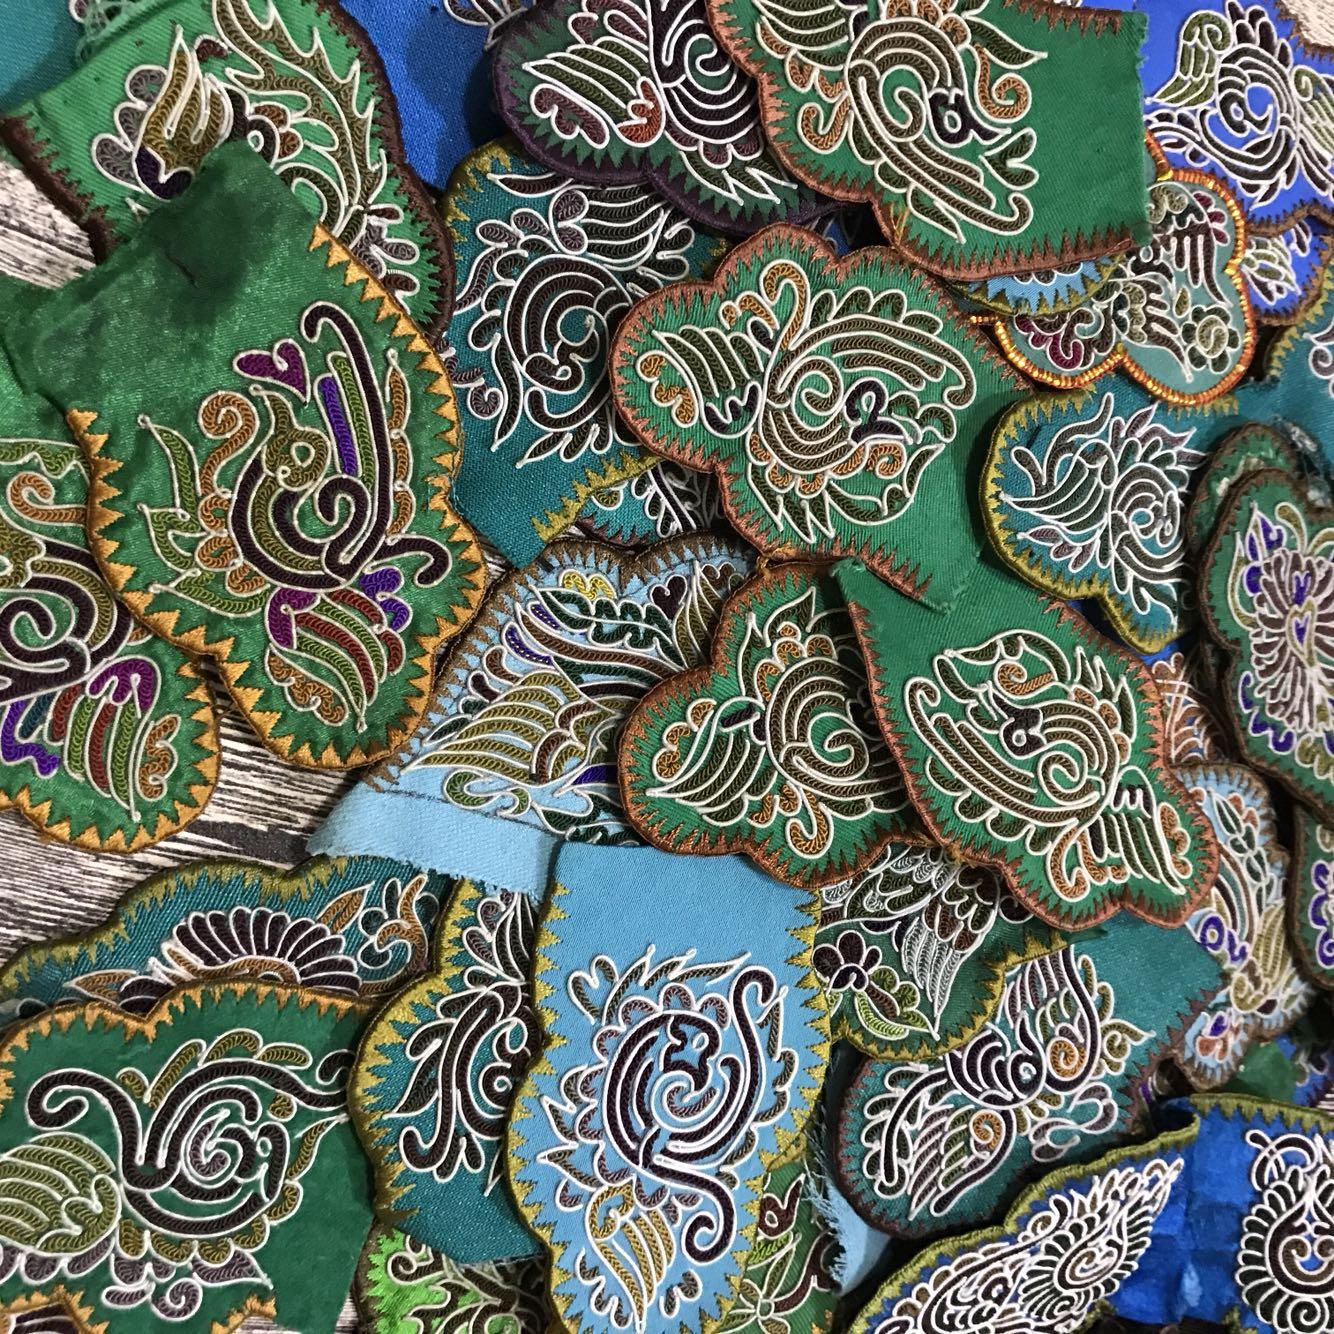 Гуйчжоу чистый ручная работа Мяо ручная работа Вышитая лошадь хвост Вышитые поделки с вышитыми вышивками этнические вышивки старые вышитые кусочки